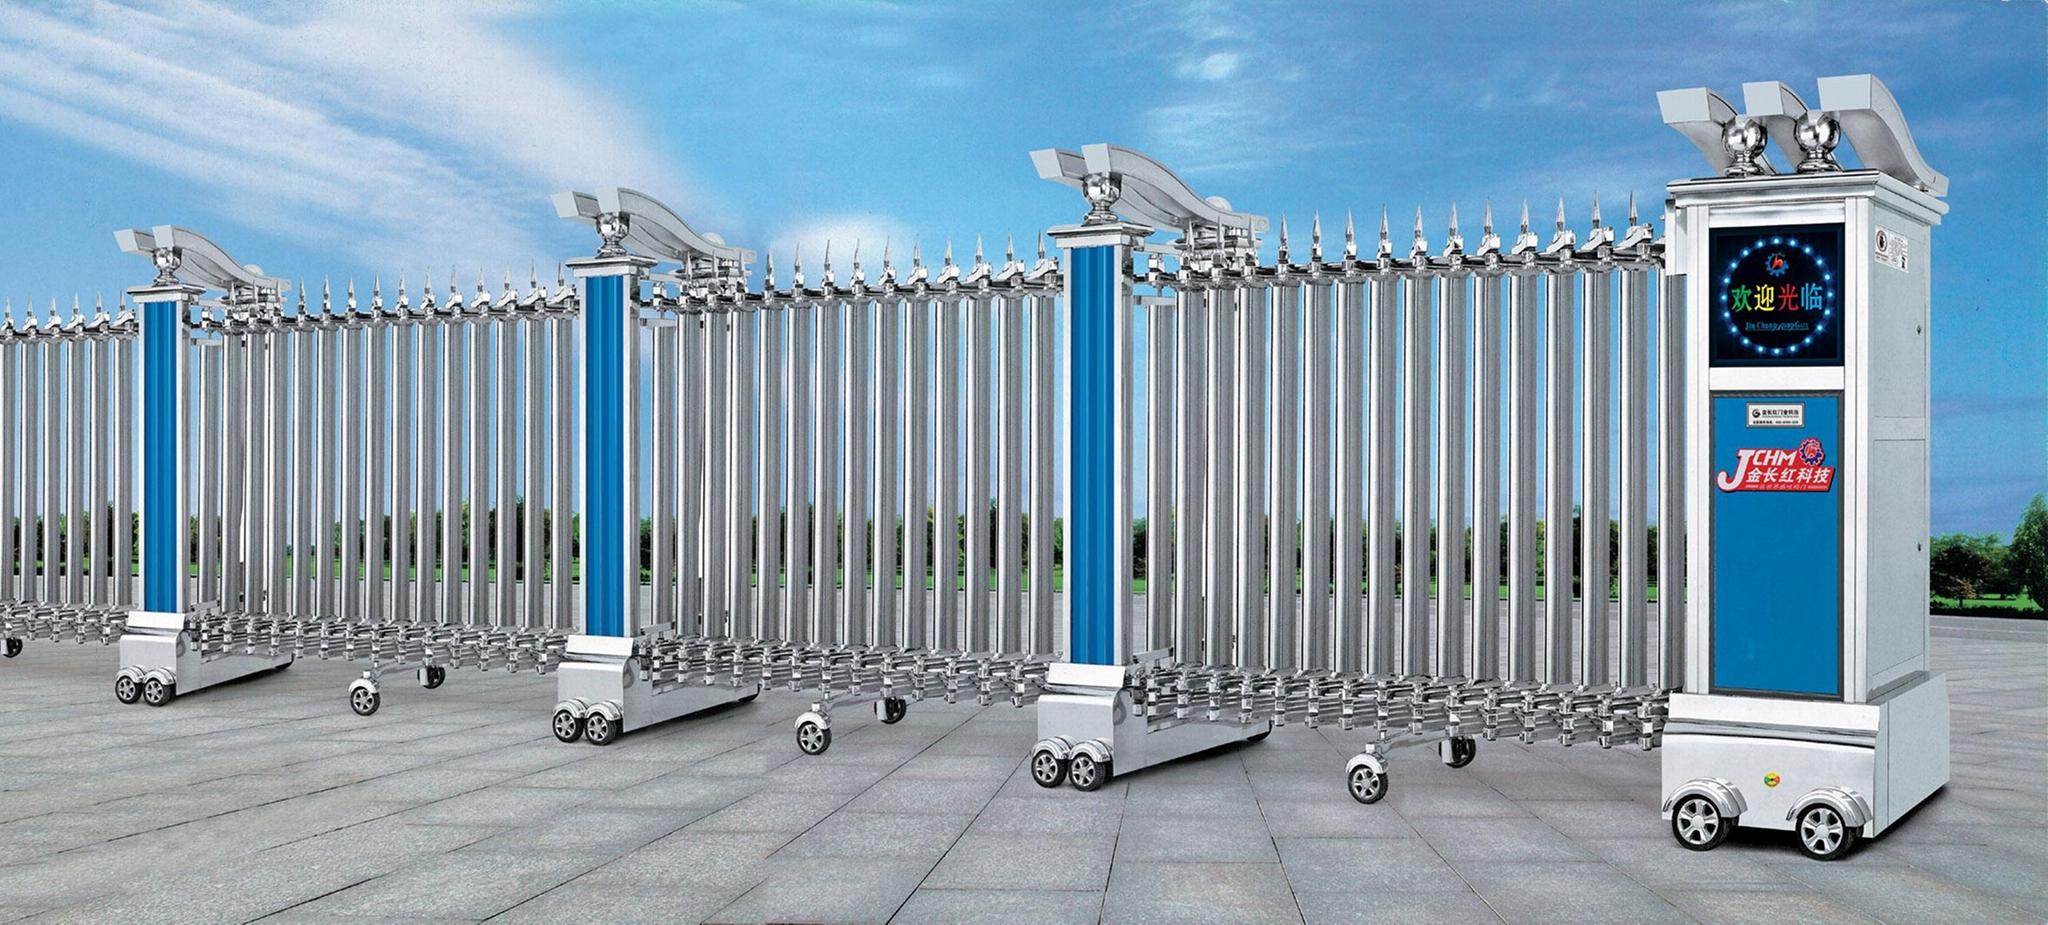 不鏽鋼電動伸縮門中國龍一號 5